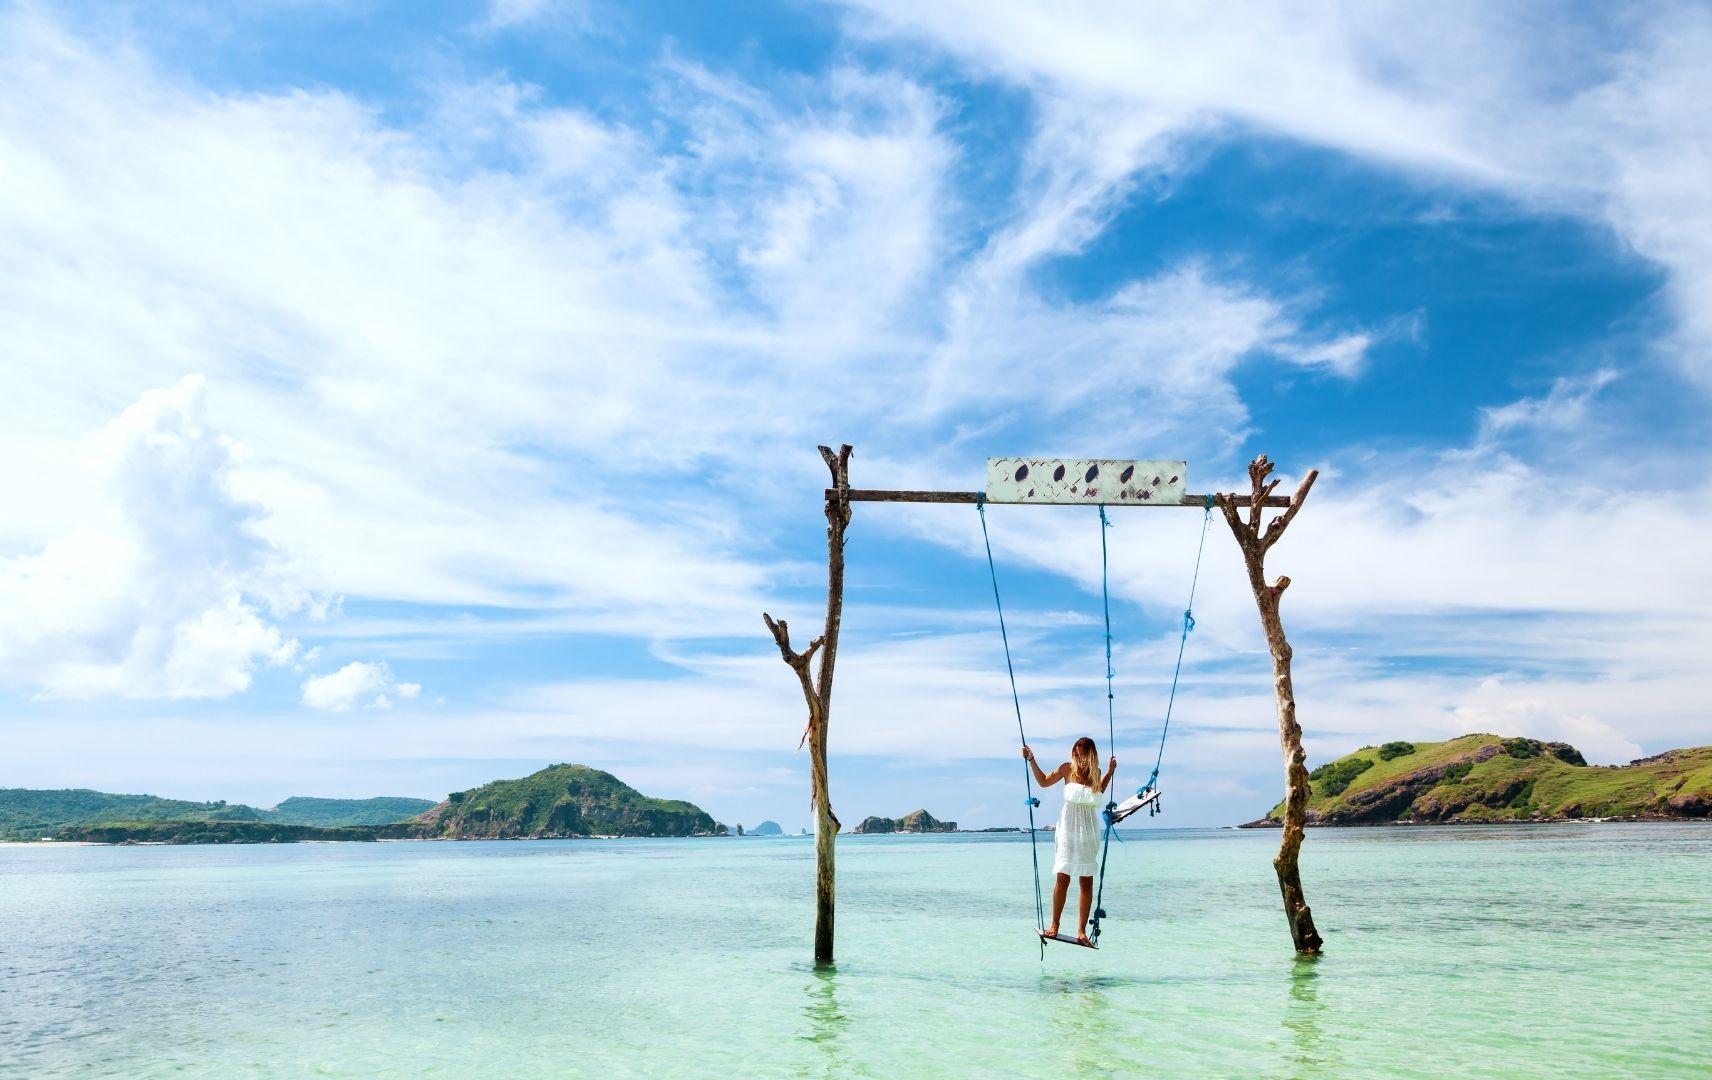 Fernreise Indonesien - Lombok